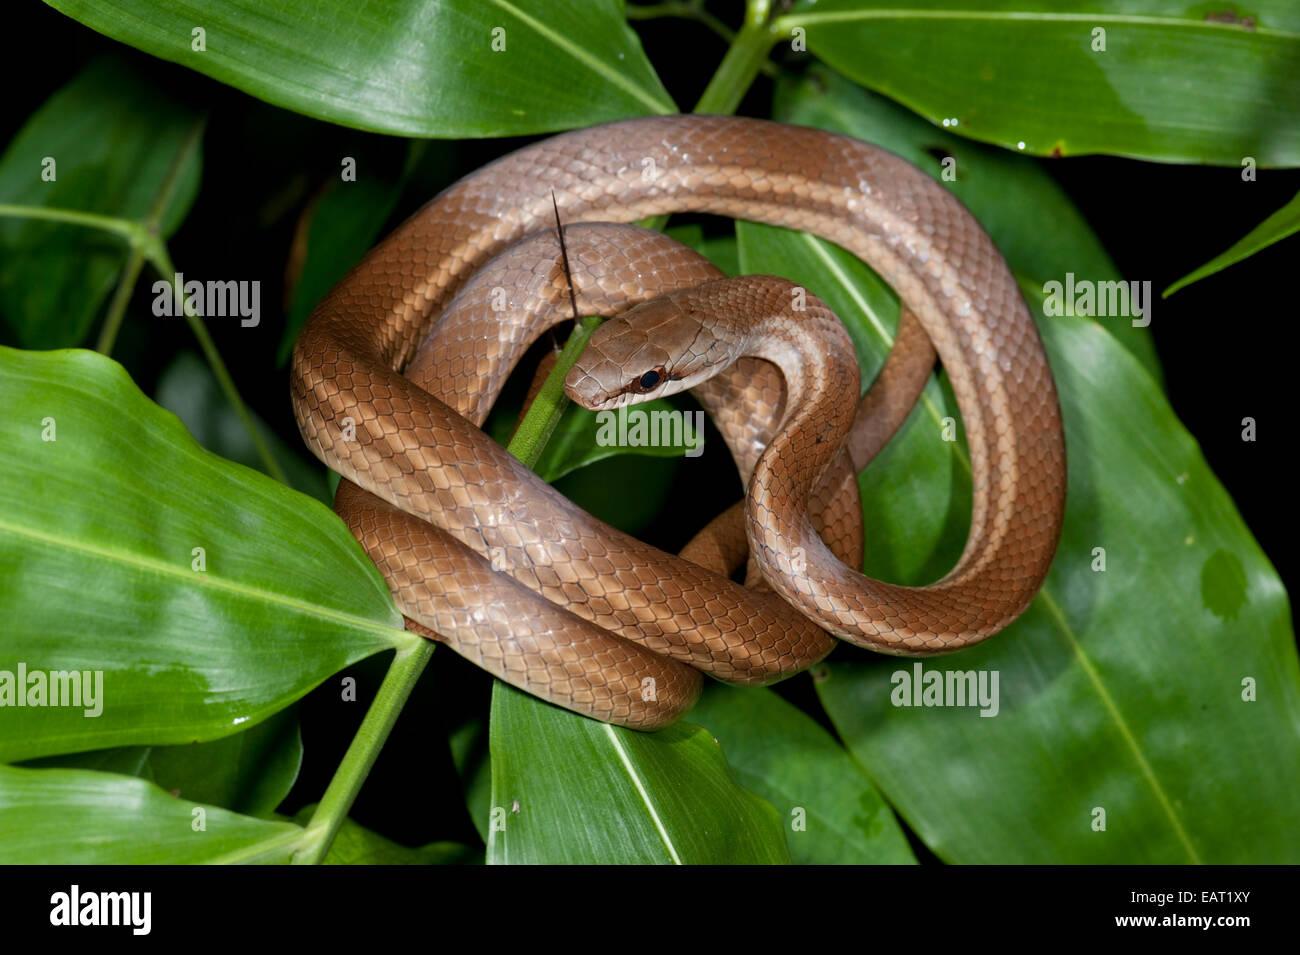 Salmon Bellied Racer Snake Dryadophis melanolomus Panama - Stock Image